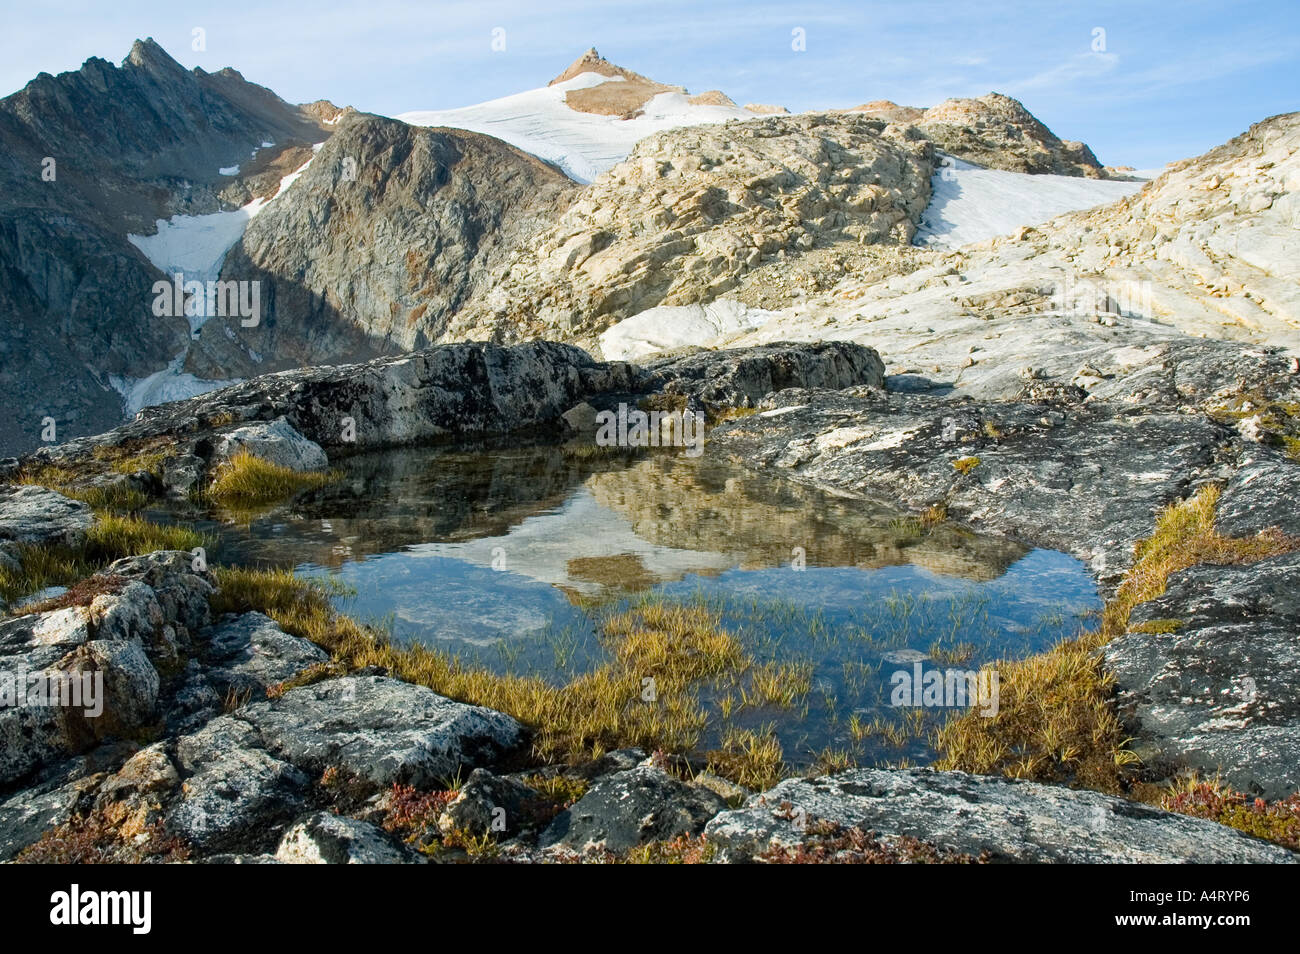 The peak of Sofias Fjeld (1012m), Angmagssalik Island, Sermilik Fjord, East Greenland - Stock Image